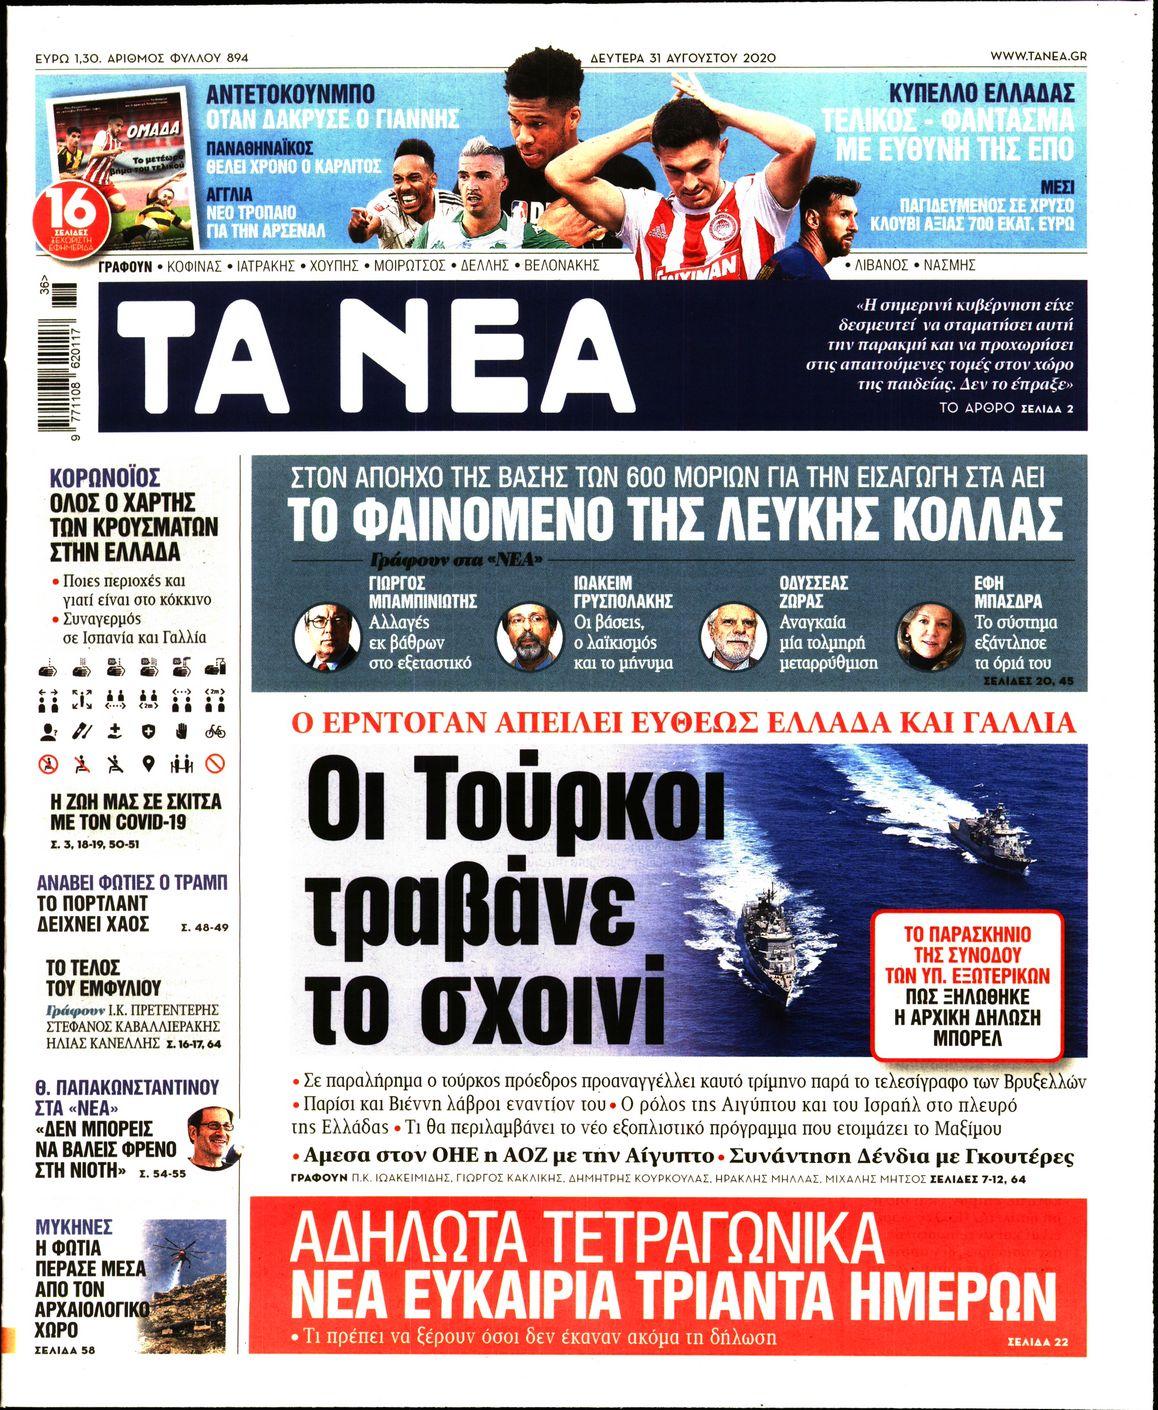 https://www.newsbeast.gr/files/1/newspapers/2020/08/31/27374401_28.jpg